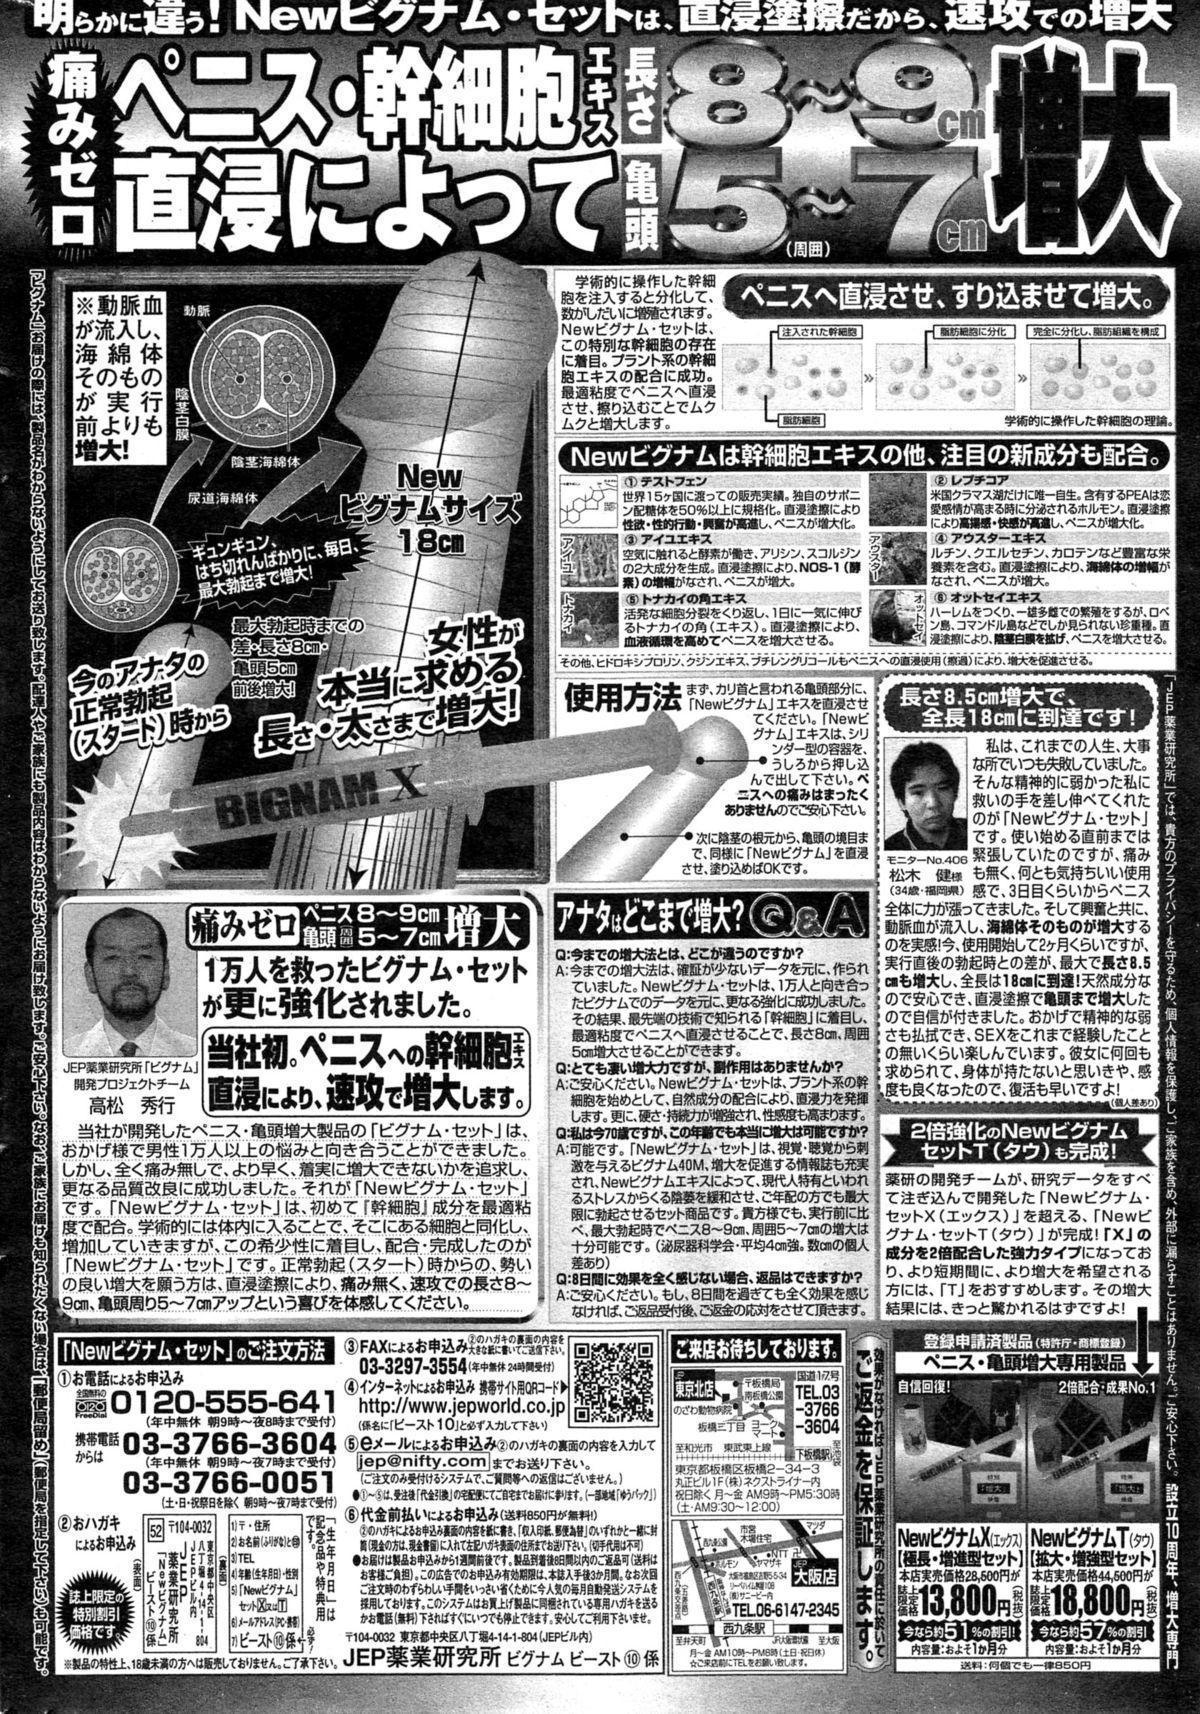 COMIC Kairakuten BEAST 2014-11 301